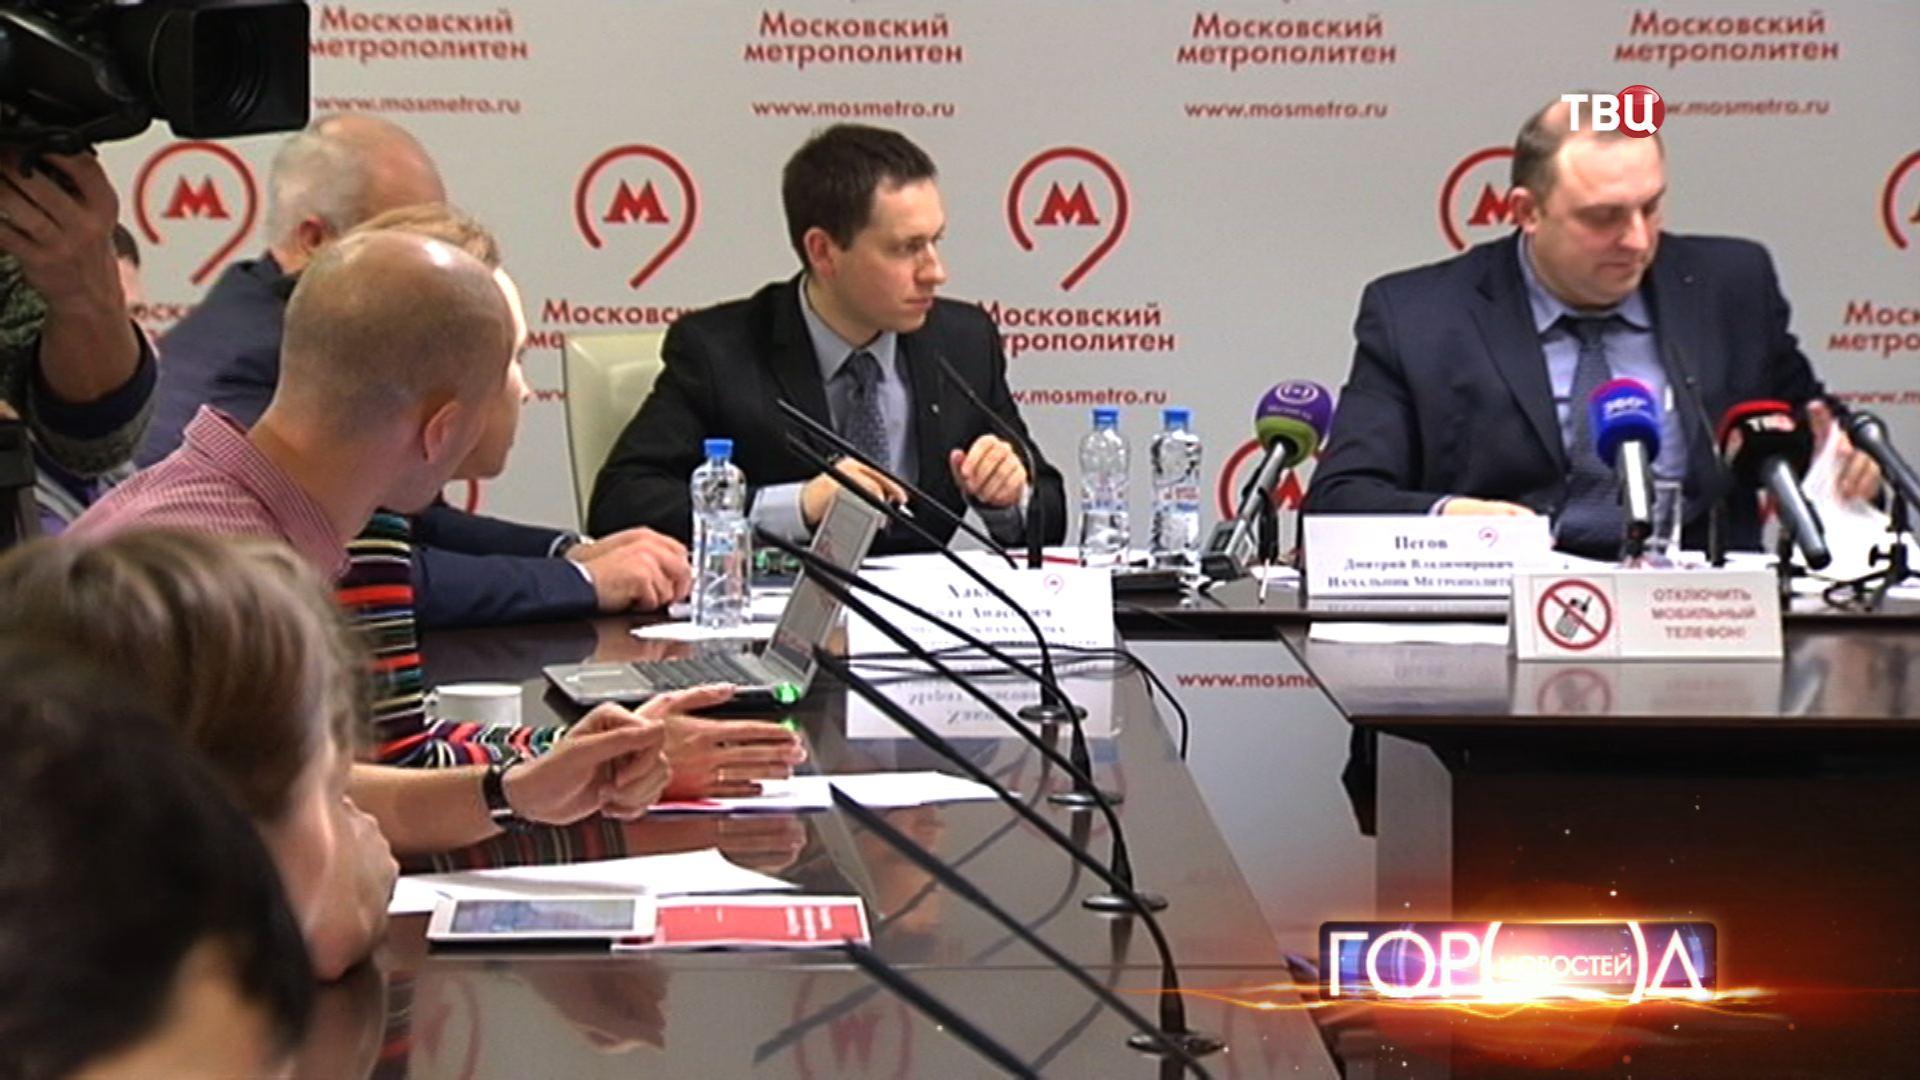 Заседание Московского метрополитена